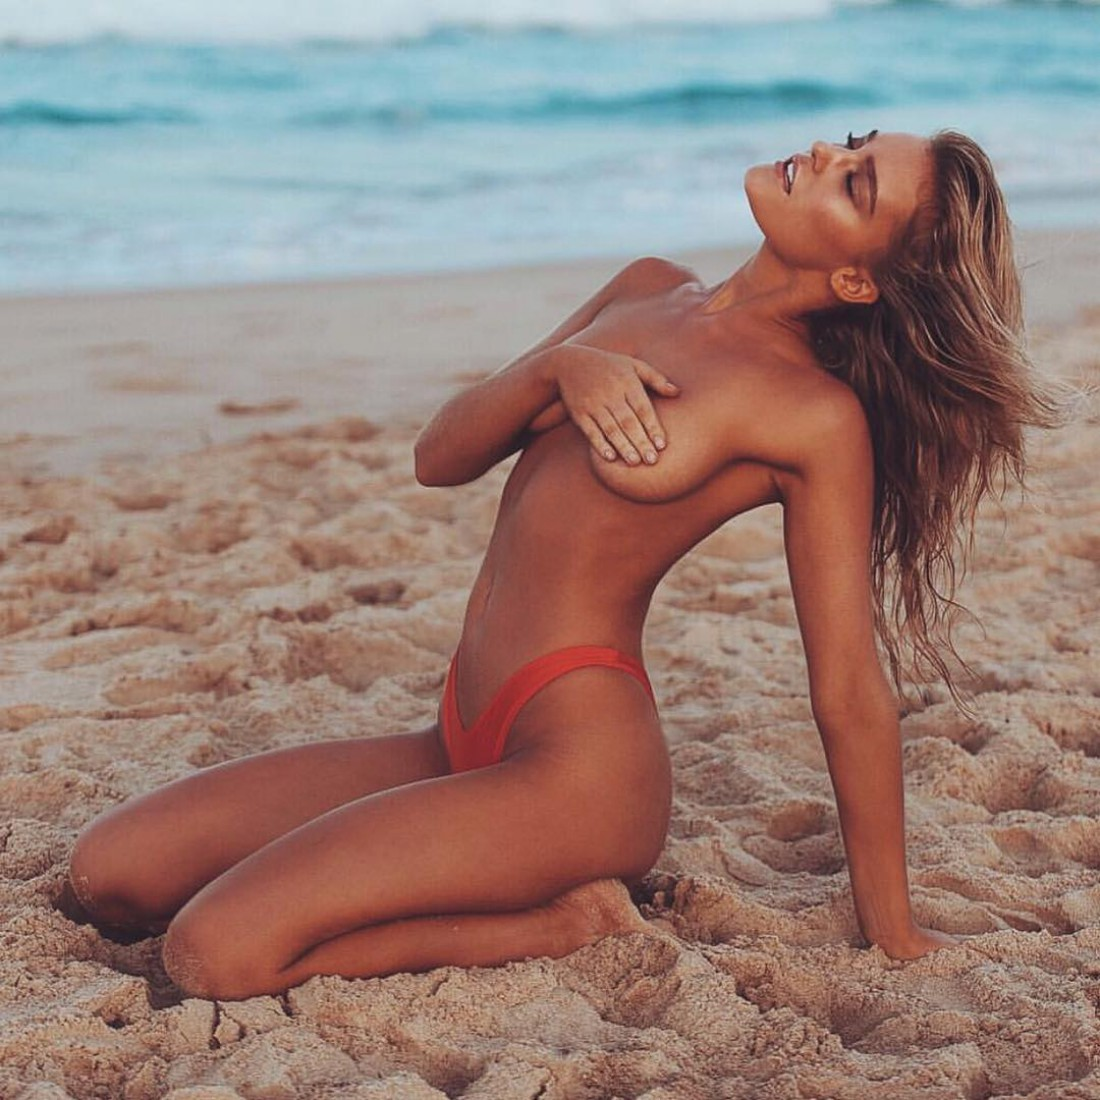 Австралийская модель Джорджия Гиббс